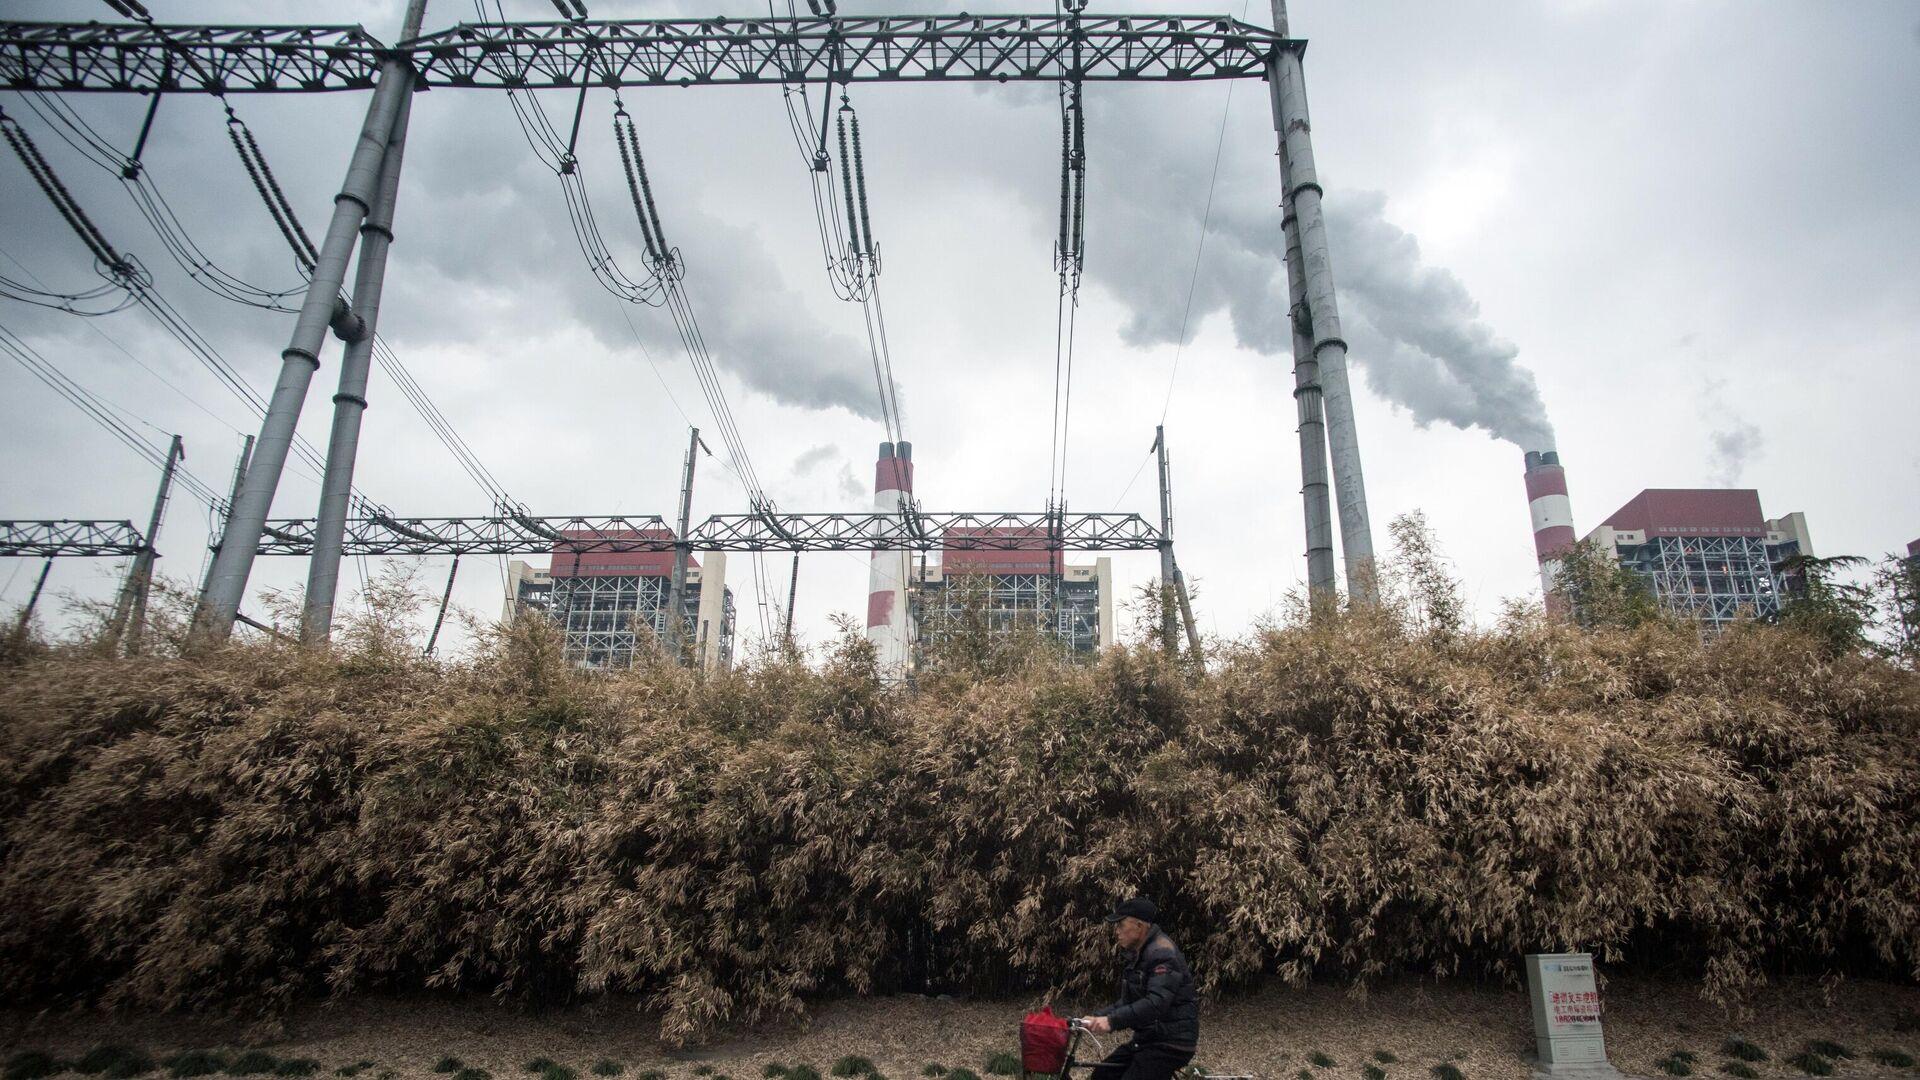 Мужчина проезжает мимо угольной электростанции Shanghai Waigaoqiao Power Generator Company в Шанхае, Китай  - РИА Новости, 1920, 13.05.2021